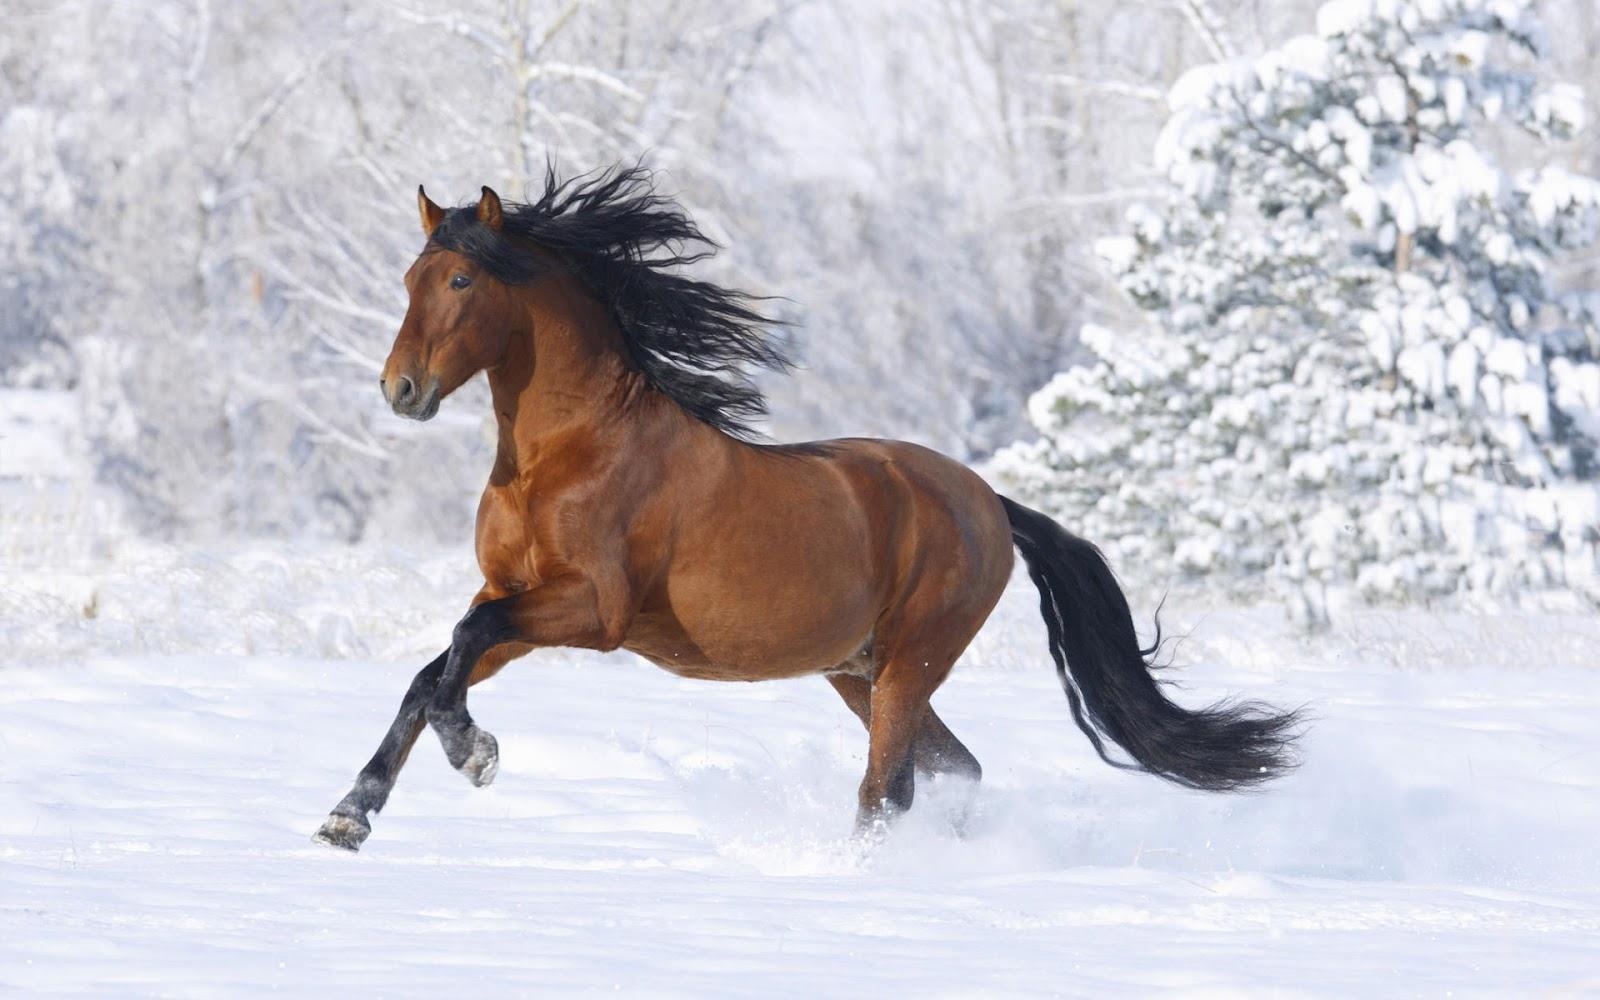 HD Classic Wallpapers: horses wallpaper